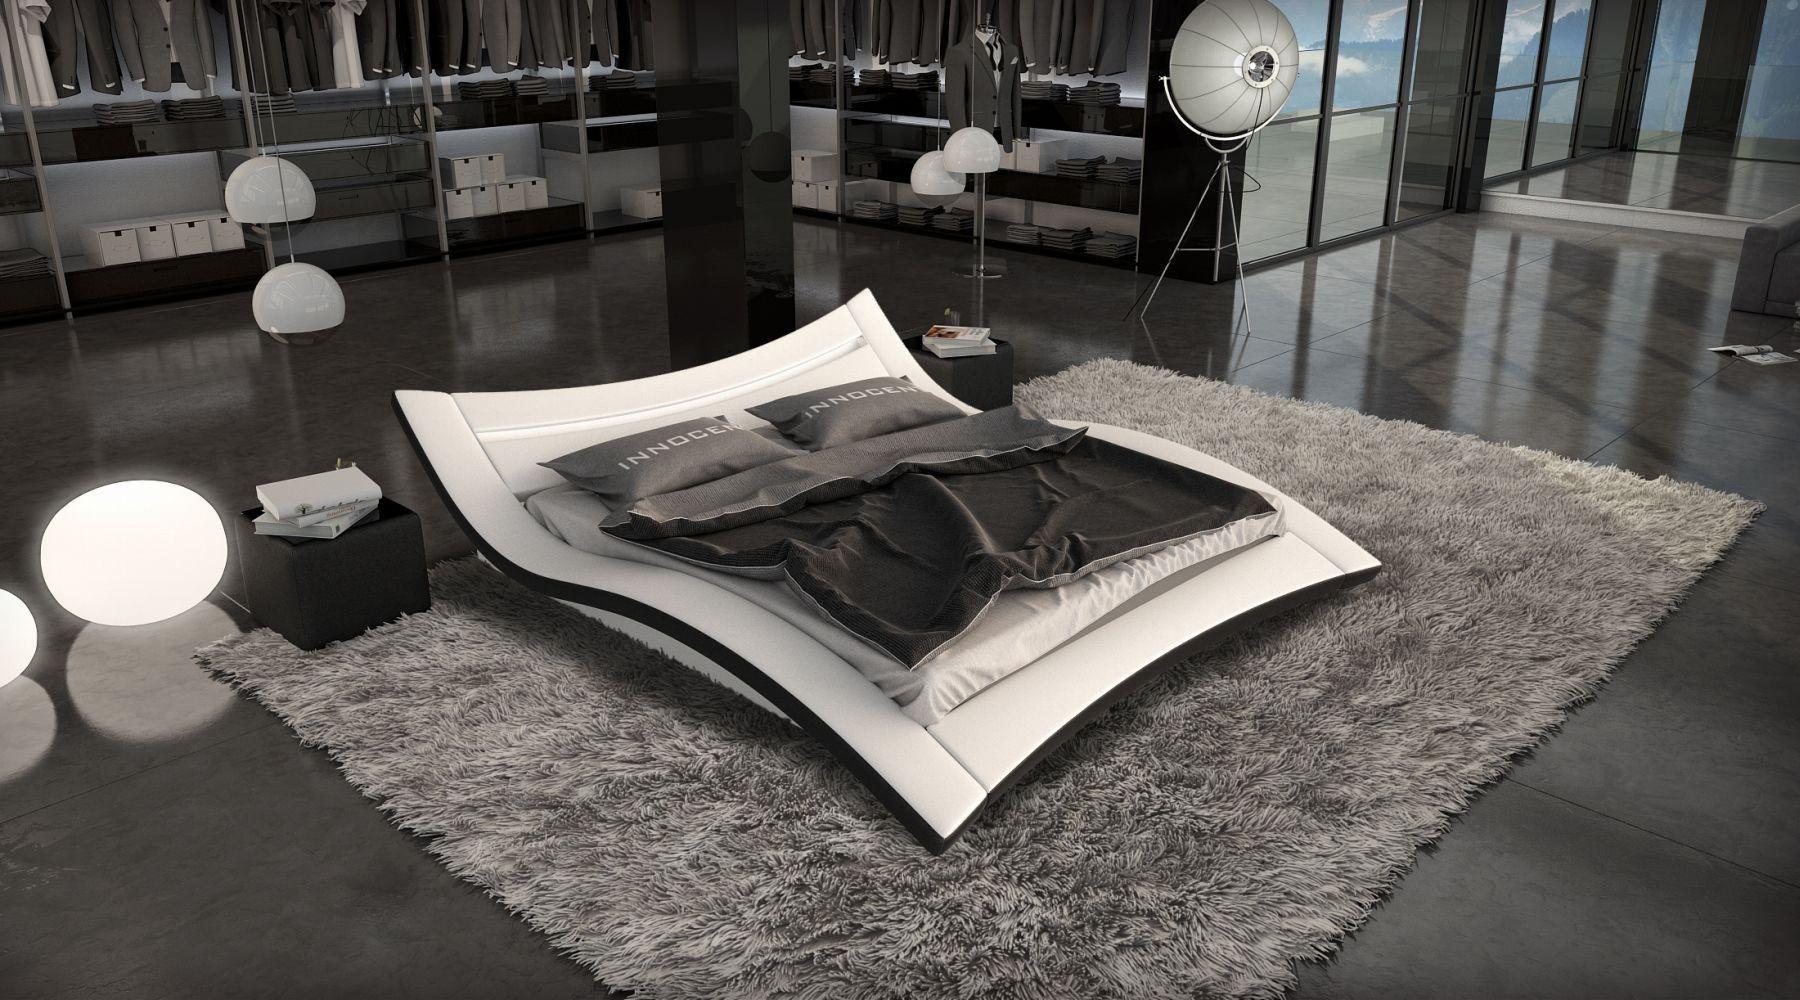 Full Size of Innocent Betten Bett Ancona Mit Ambiente Beleuchtung Komplettes Designerbett Dico Kopfteile Für Gebrauchte Hamburg 180x200 Ruf Münster Holz Matratze Und Bett Innocent Betten